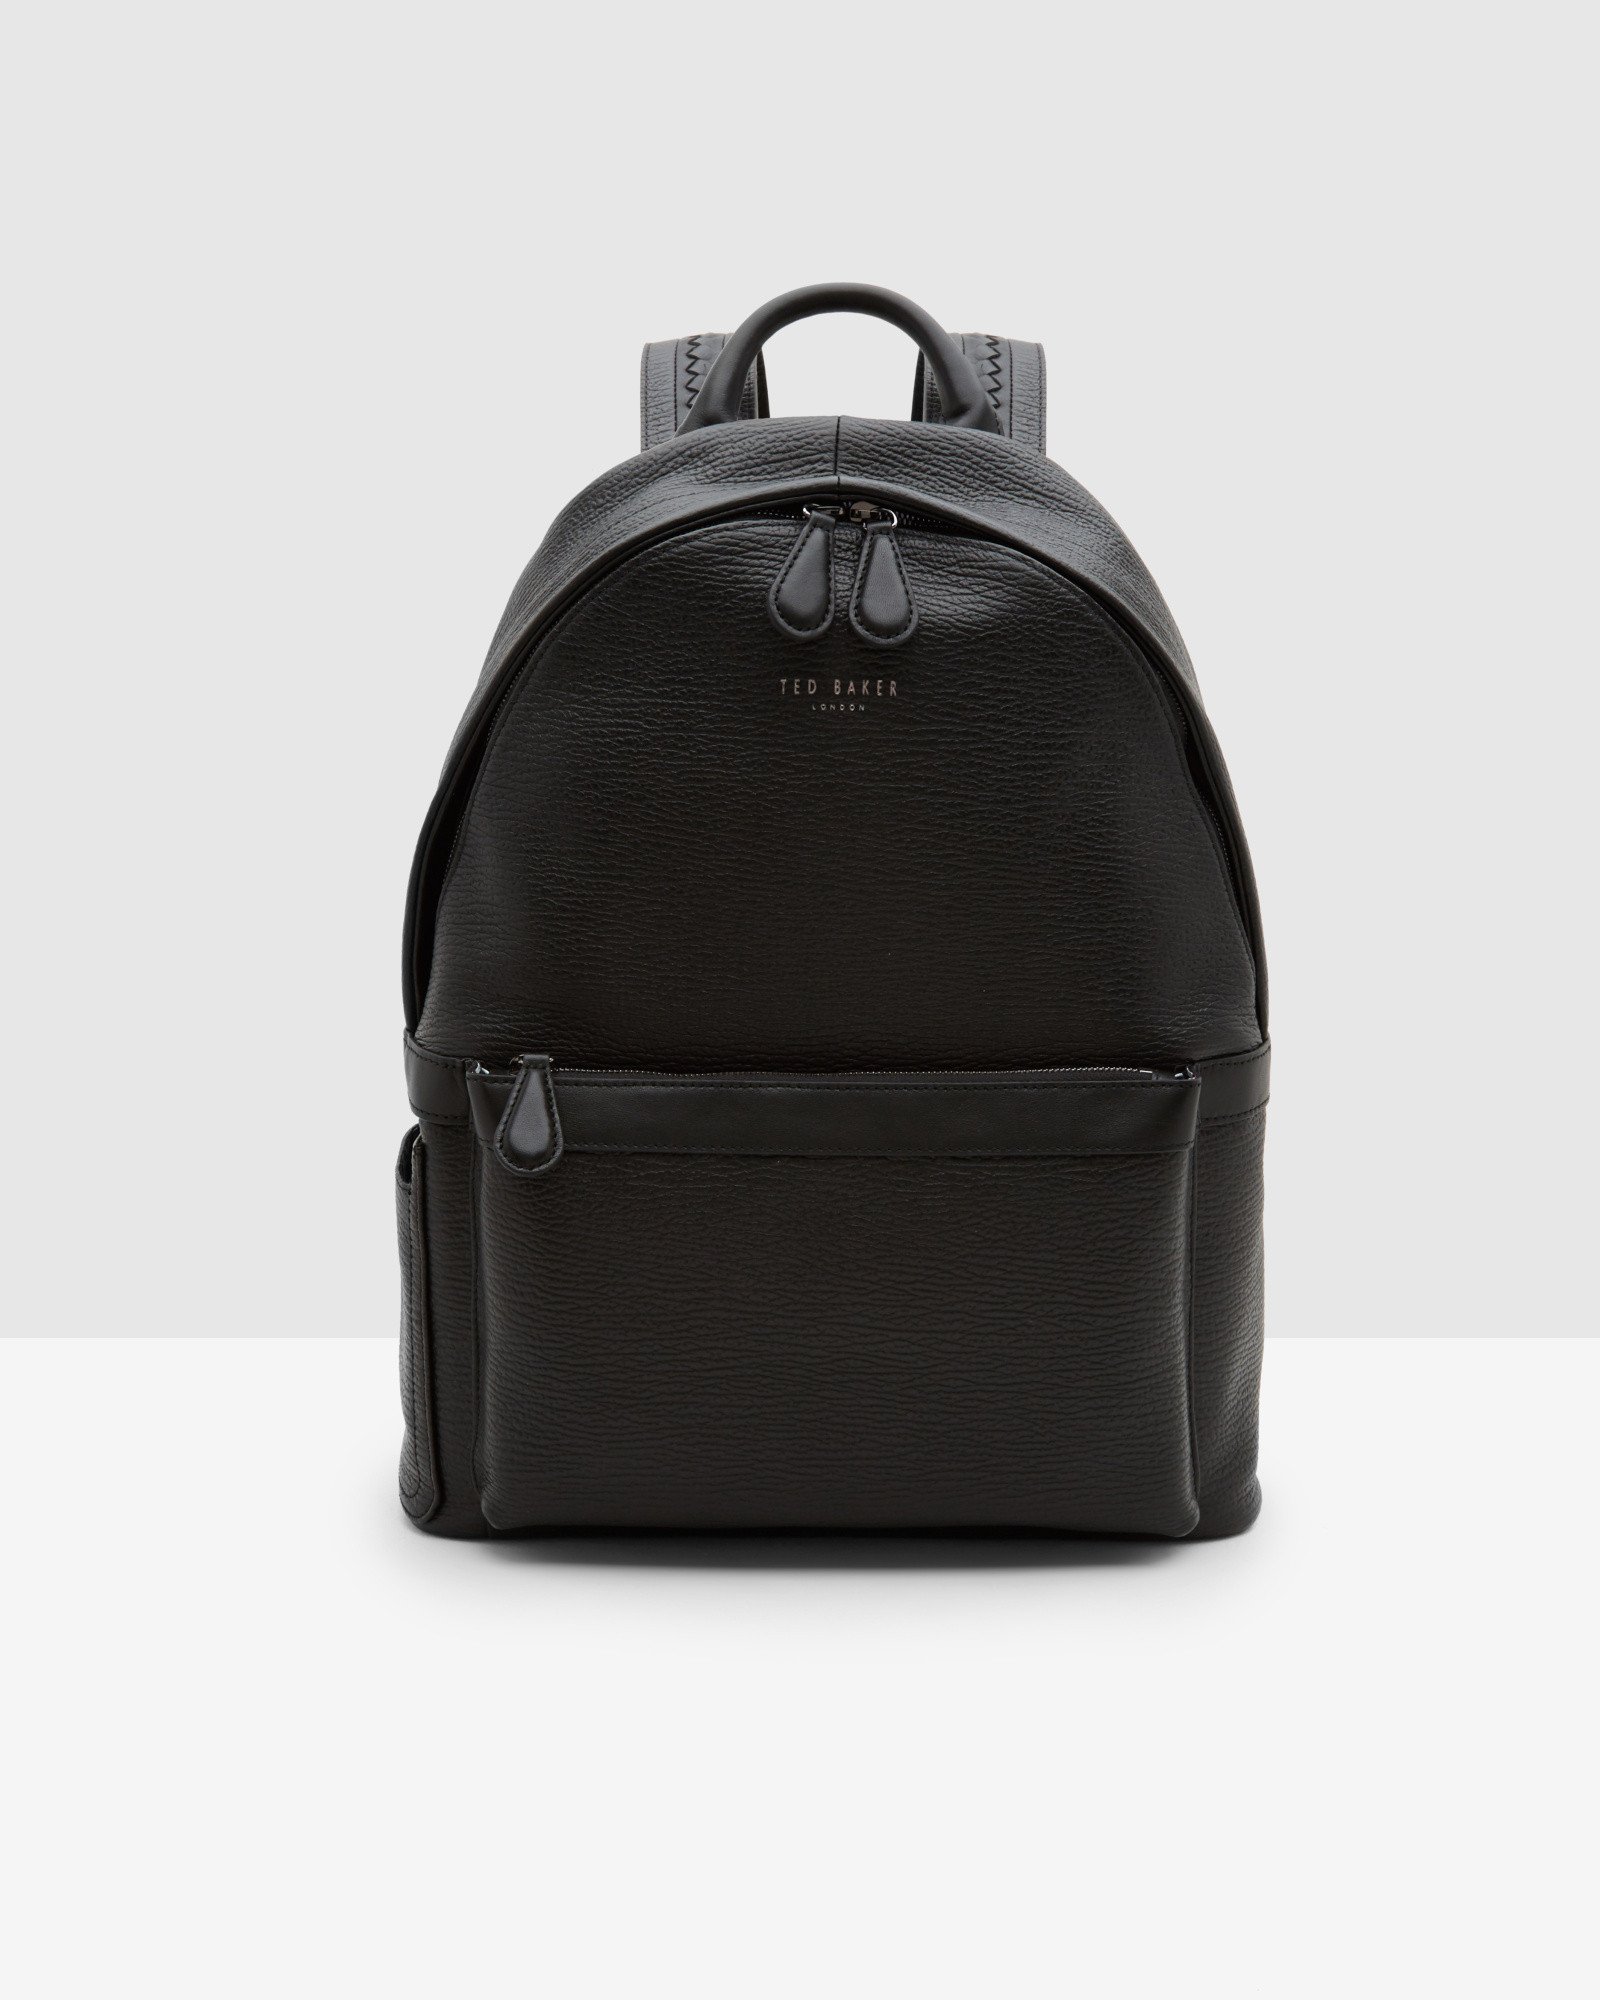 ted baker woven leather rucksack in black for men lyst. Black Bedroom Furniture Sets. Home Design Ideas